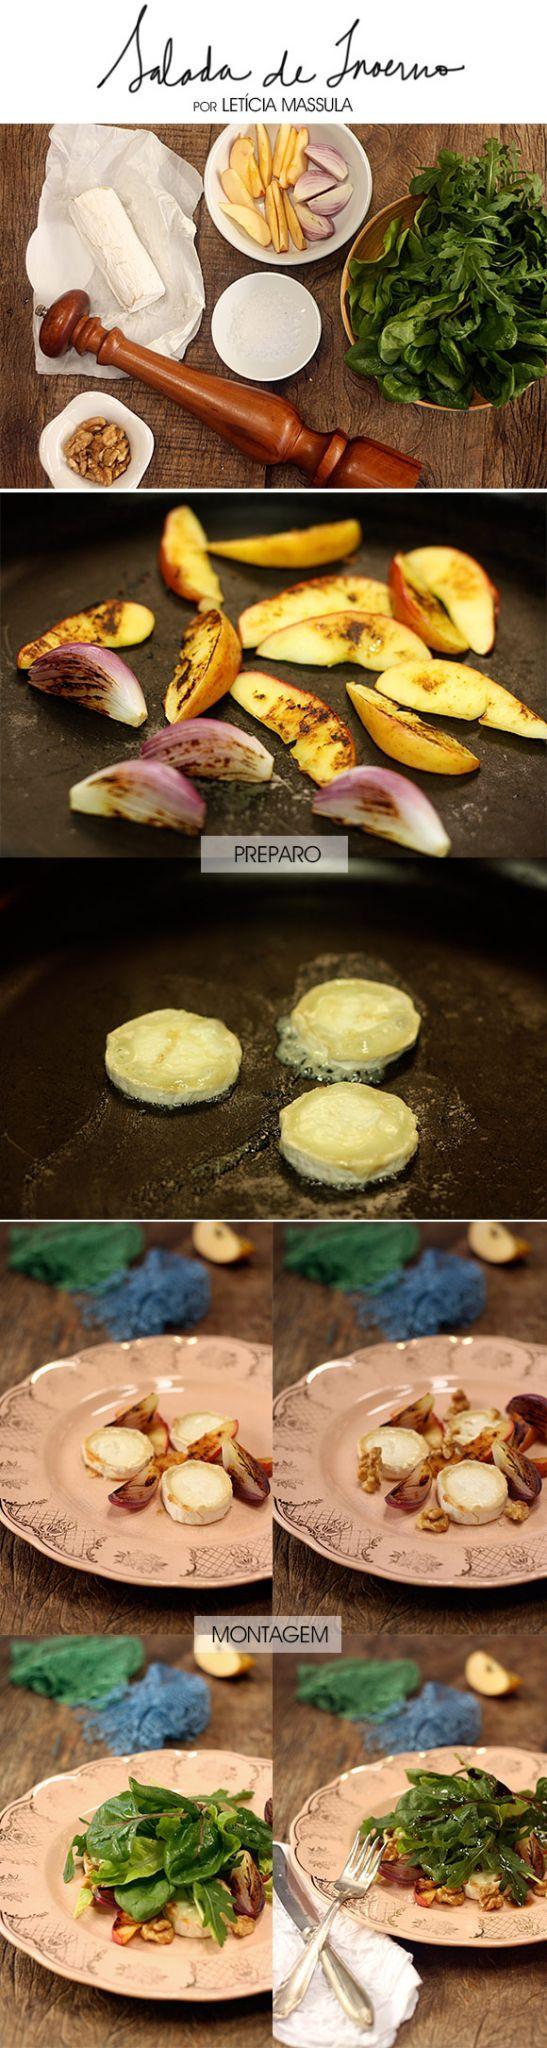 Salada de Inverno: queijo buche, maçãs e cebolas caramelizadas, nozes e emulsão de balsâmico